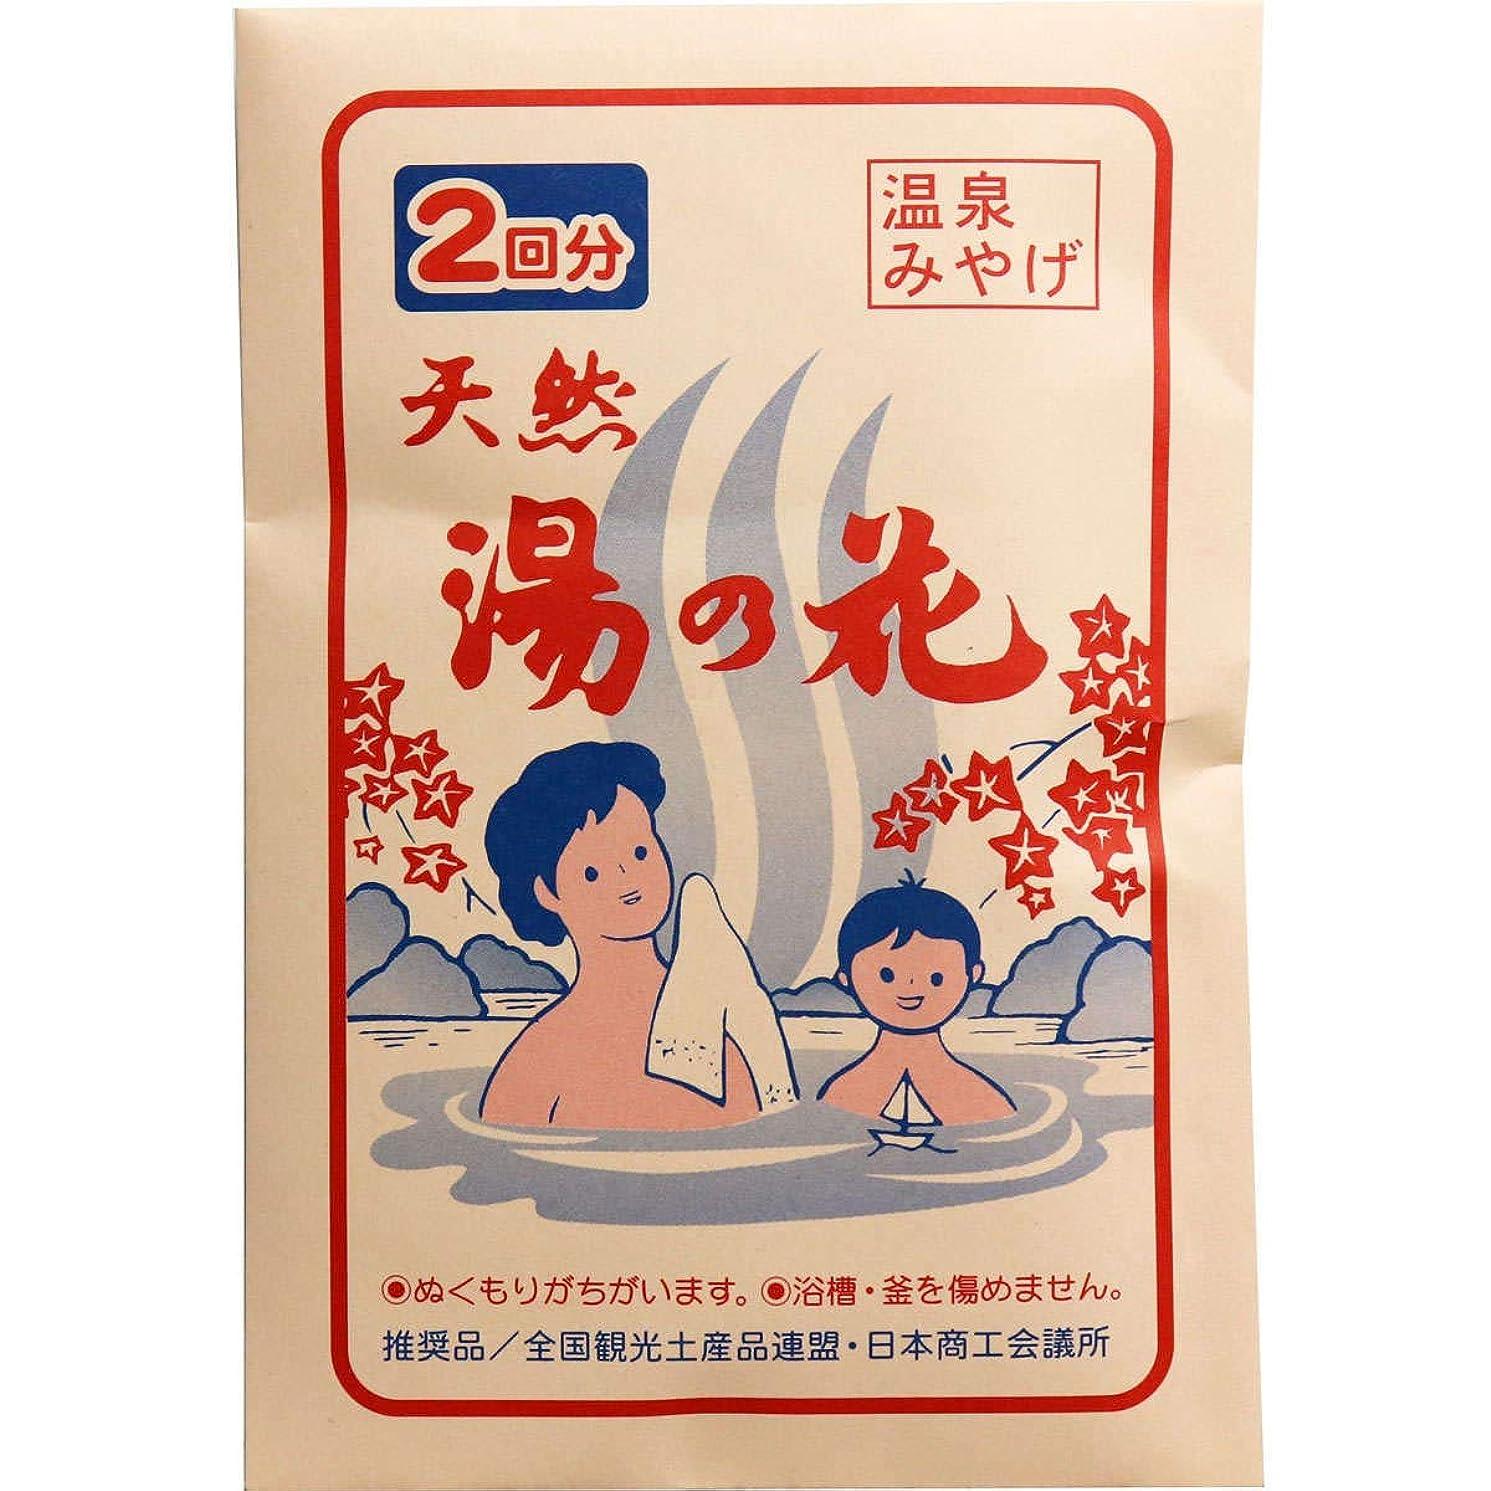 家畜助けてねじれ天然湯の花 小袋分包2回分 KA-2 15g×2包入